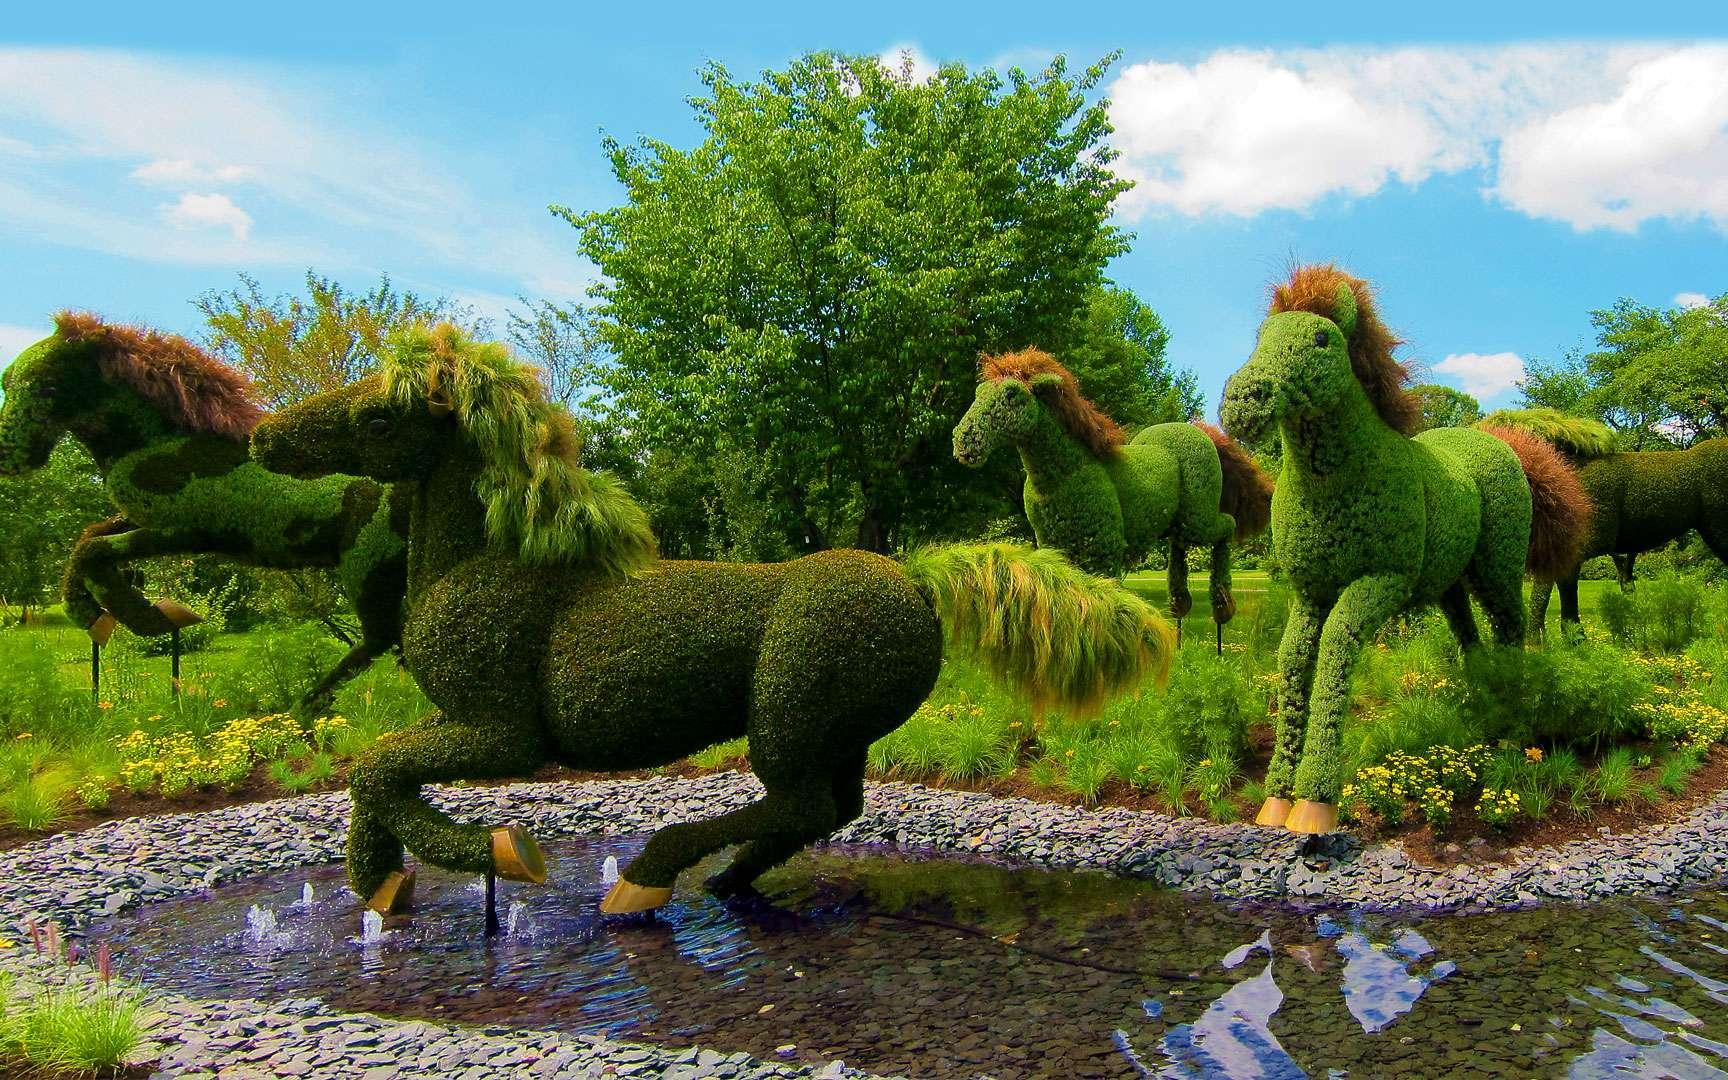 Sculpture végétale représentant les chevaux de la Terre-Mère. Sur cette portion de la splendide sculpture de la Terre-Mère, on peut apercevoir une prairie au milieu de laquelle courent des chevaux. © Andre Vandal, Flickr, CC by-nc-nd 2.0